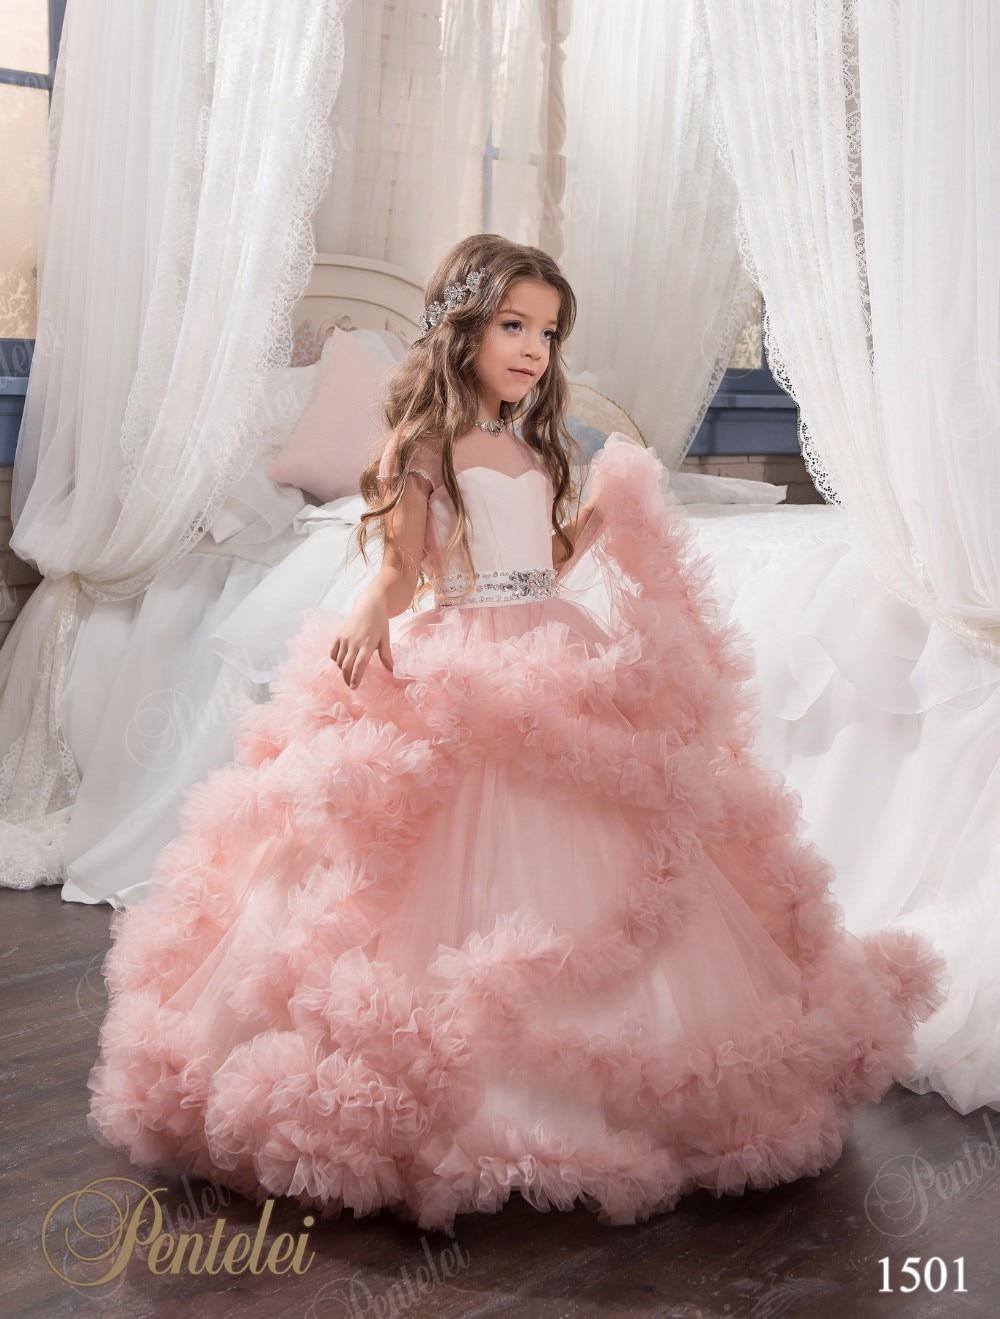 dab576b87 Mint Girls Vestidos Del Desfile de Ostentación Rosa Azul Púrpura Escarpado  Piso de Las Colmenas Longitud Niñas Niños Vestido de Fiesta Vestidos de  Fiesta 12 ...